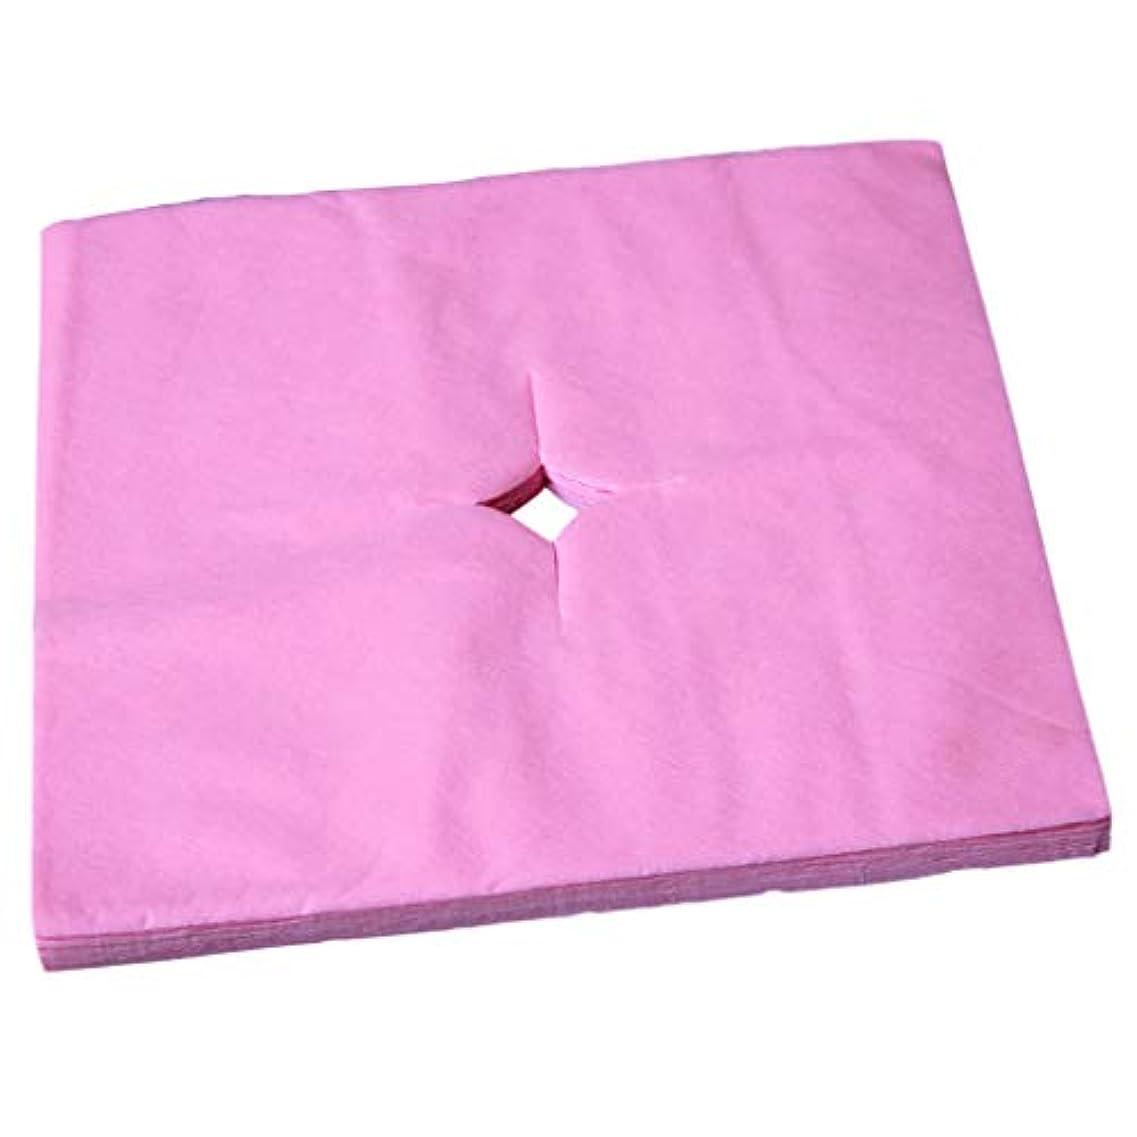 dailymall 100ピース/個スパサロン使い捨てマッサージフェイスレストクッションカバークレードルシートクロスカットホール - ピンク